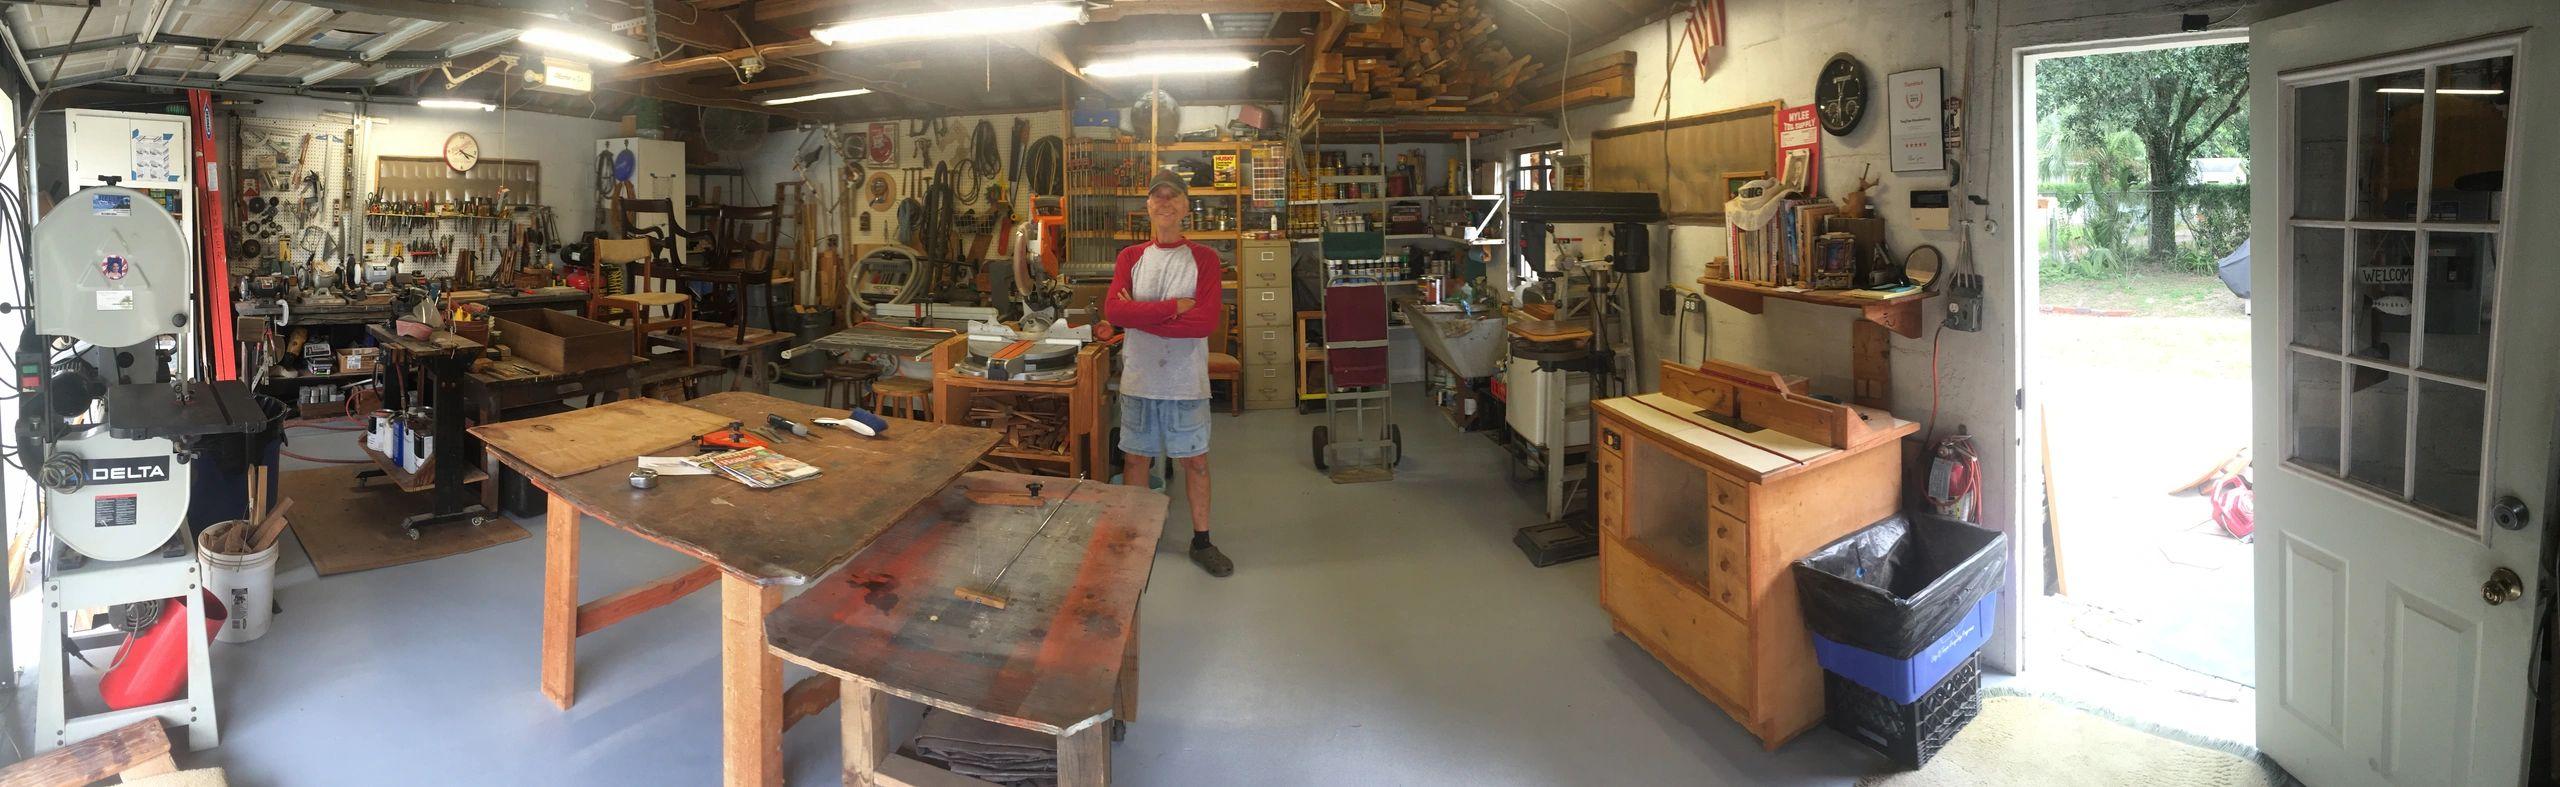 Twigtree Woodworking Repair Refinishing